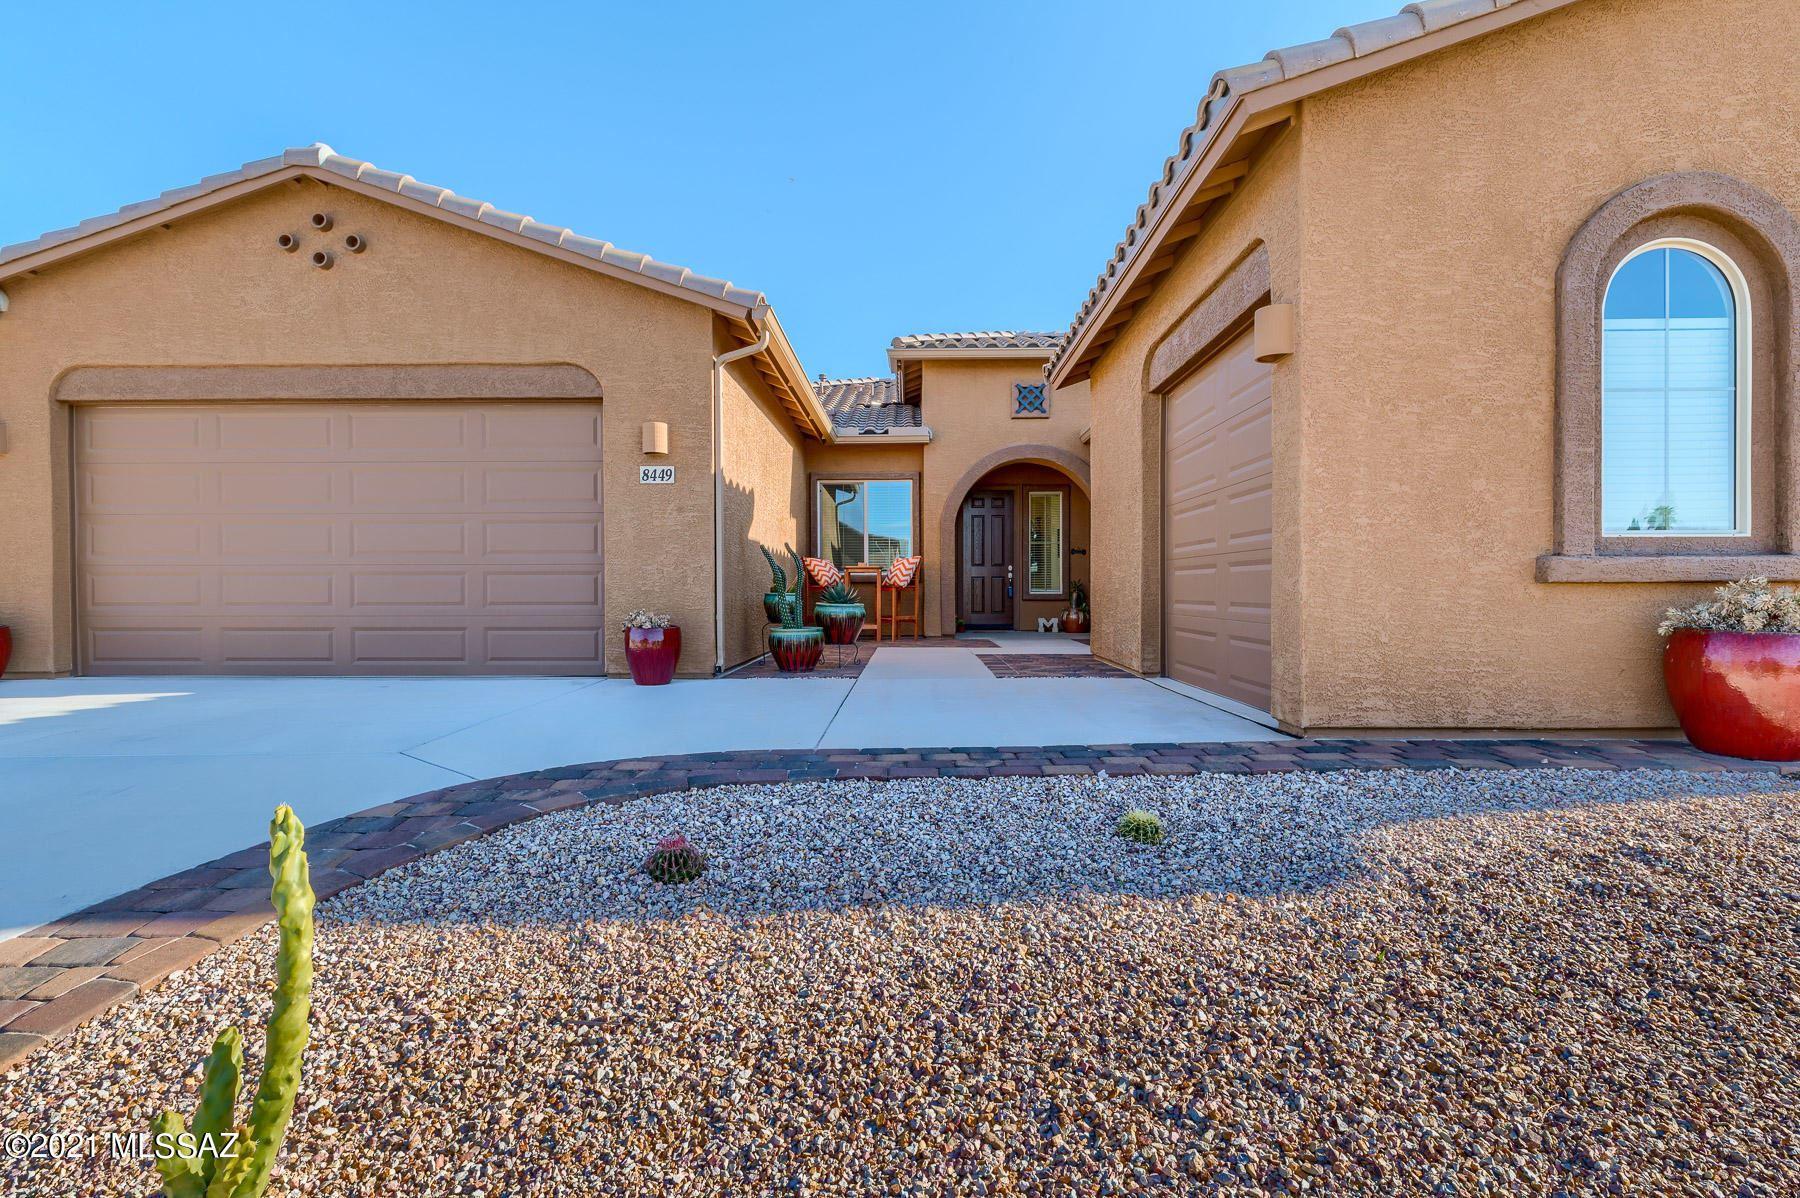 8449 N Gallant Fox Drive, Tucson, AZ 85704 - MLS#: 22115188